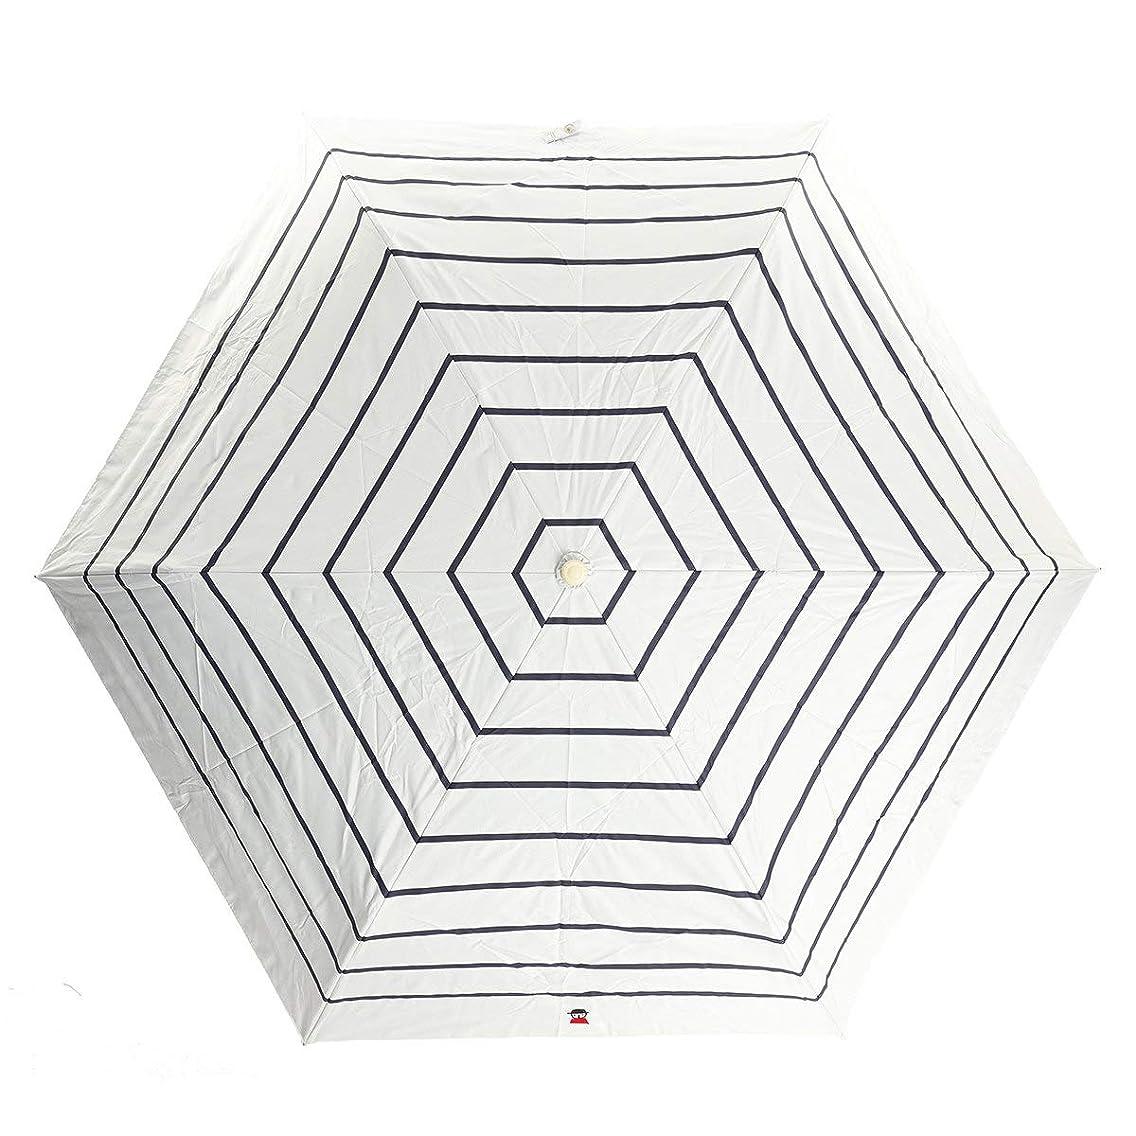 ハイランド批判理論[ピッコーネ アッチェッソーリ] 晴雨兼用 日傘 雨傘 コンパクト折りたたみ傘 外袋付き ボーダー柄 シルバーグレー